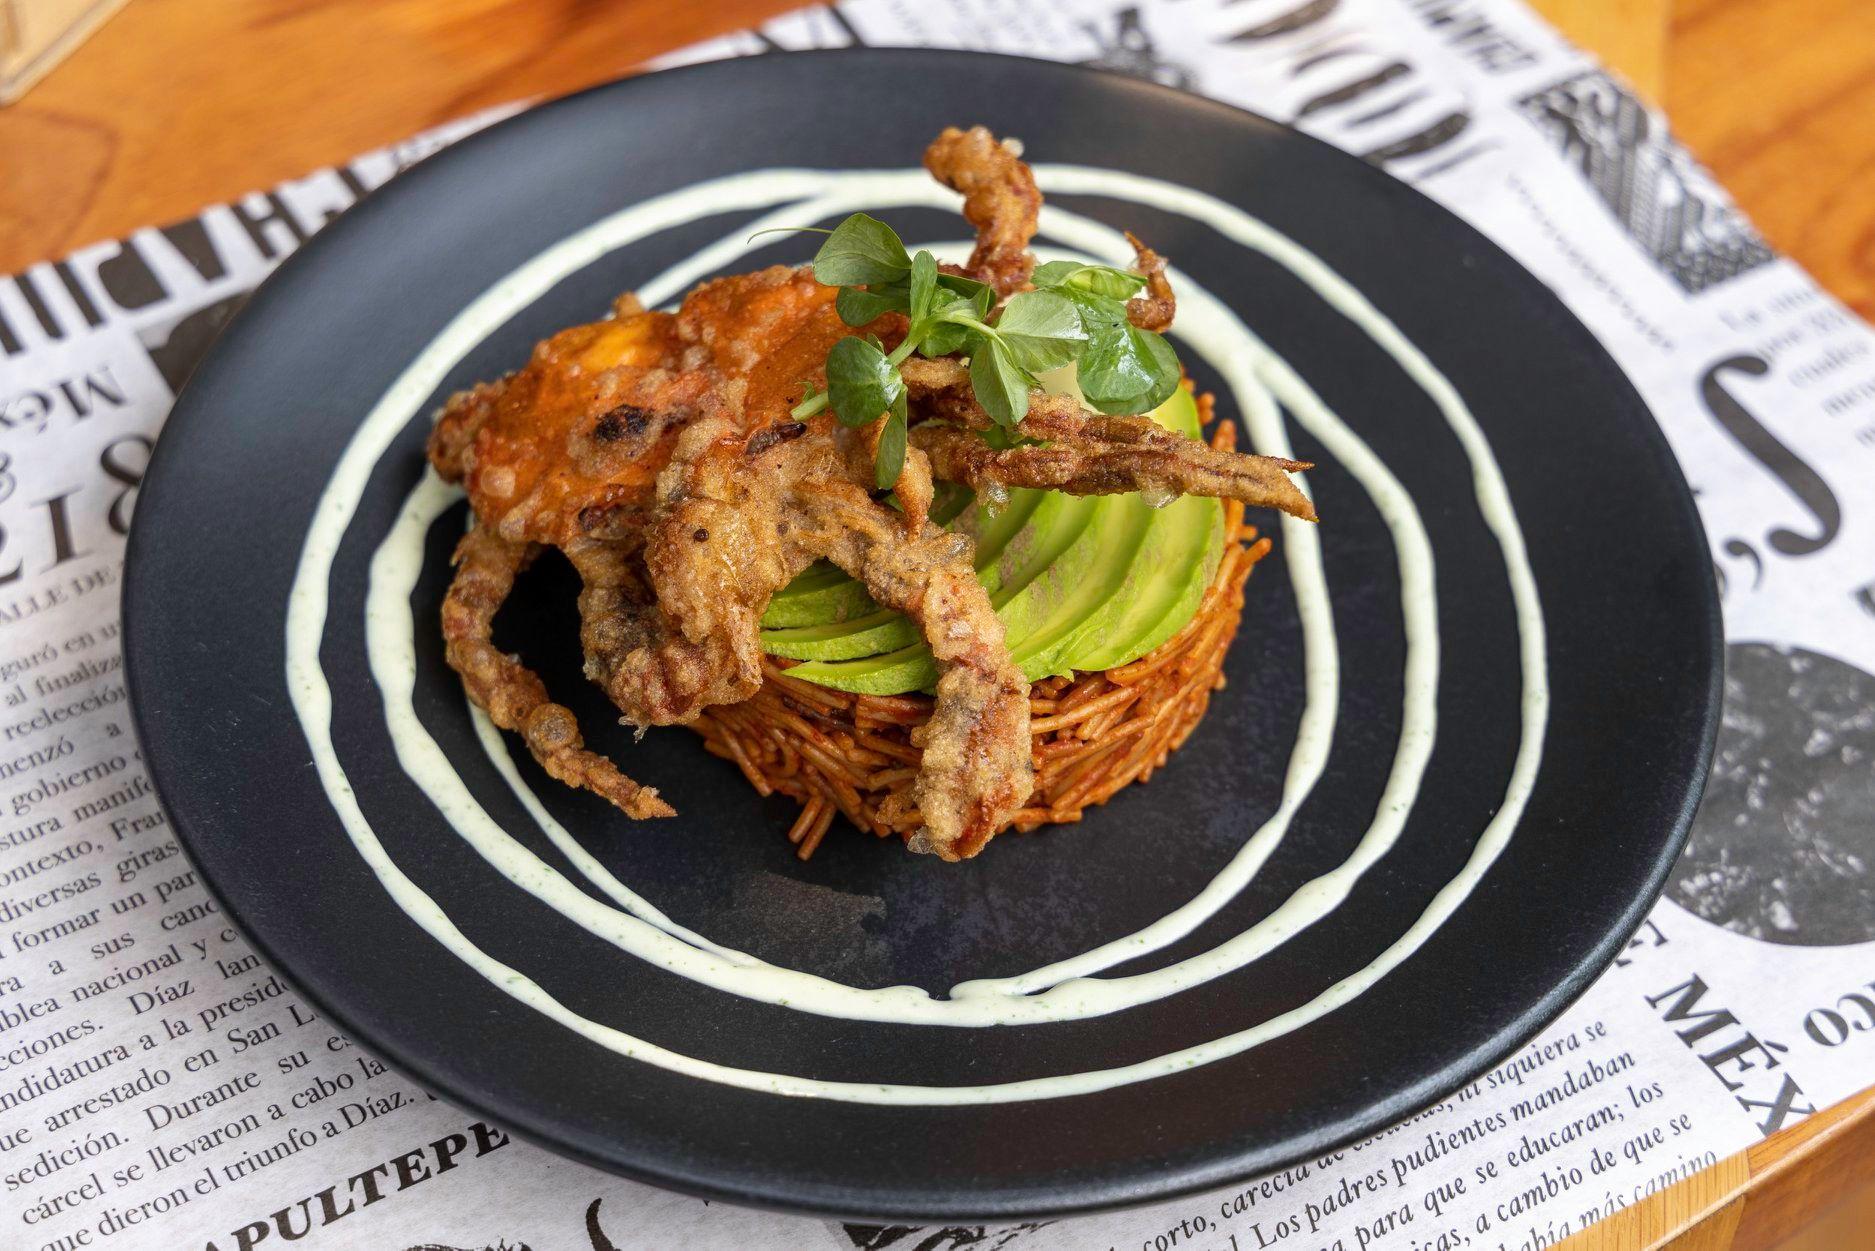 8 restaurantes de cocina mexicana contemporánea en la CDMX para celebrar el mes patrio con tradición y sabor